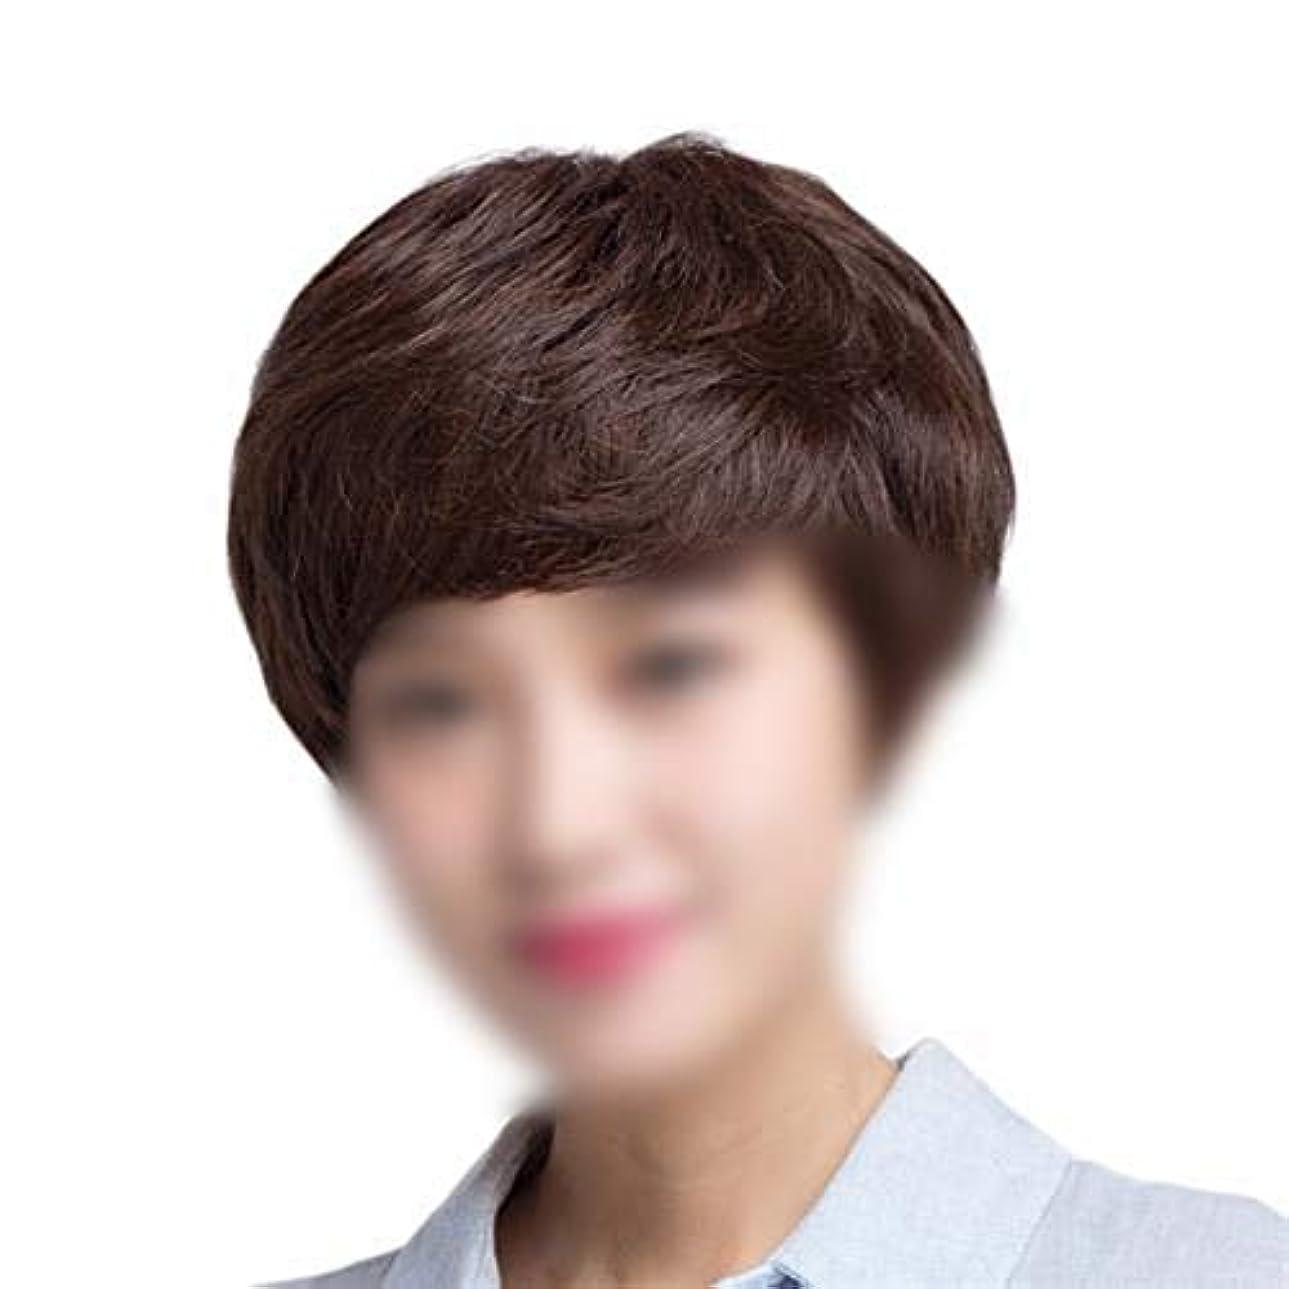 成長ハンディフィドルYOUQIU 前髪自然現実的なかつらウィッグとの完全なハンド織実髪レディースショートカーリーヘア (色 : Natural black)